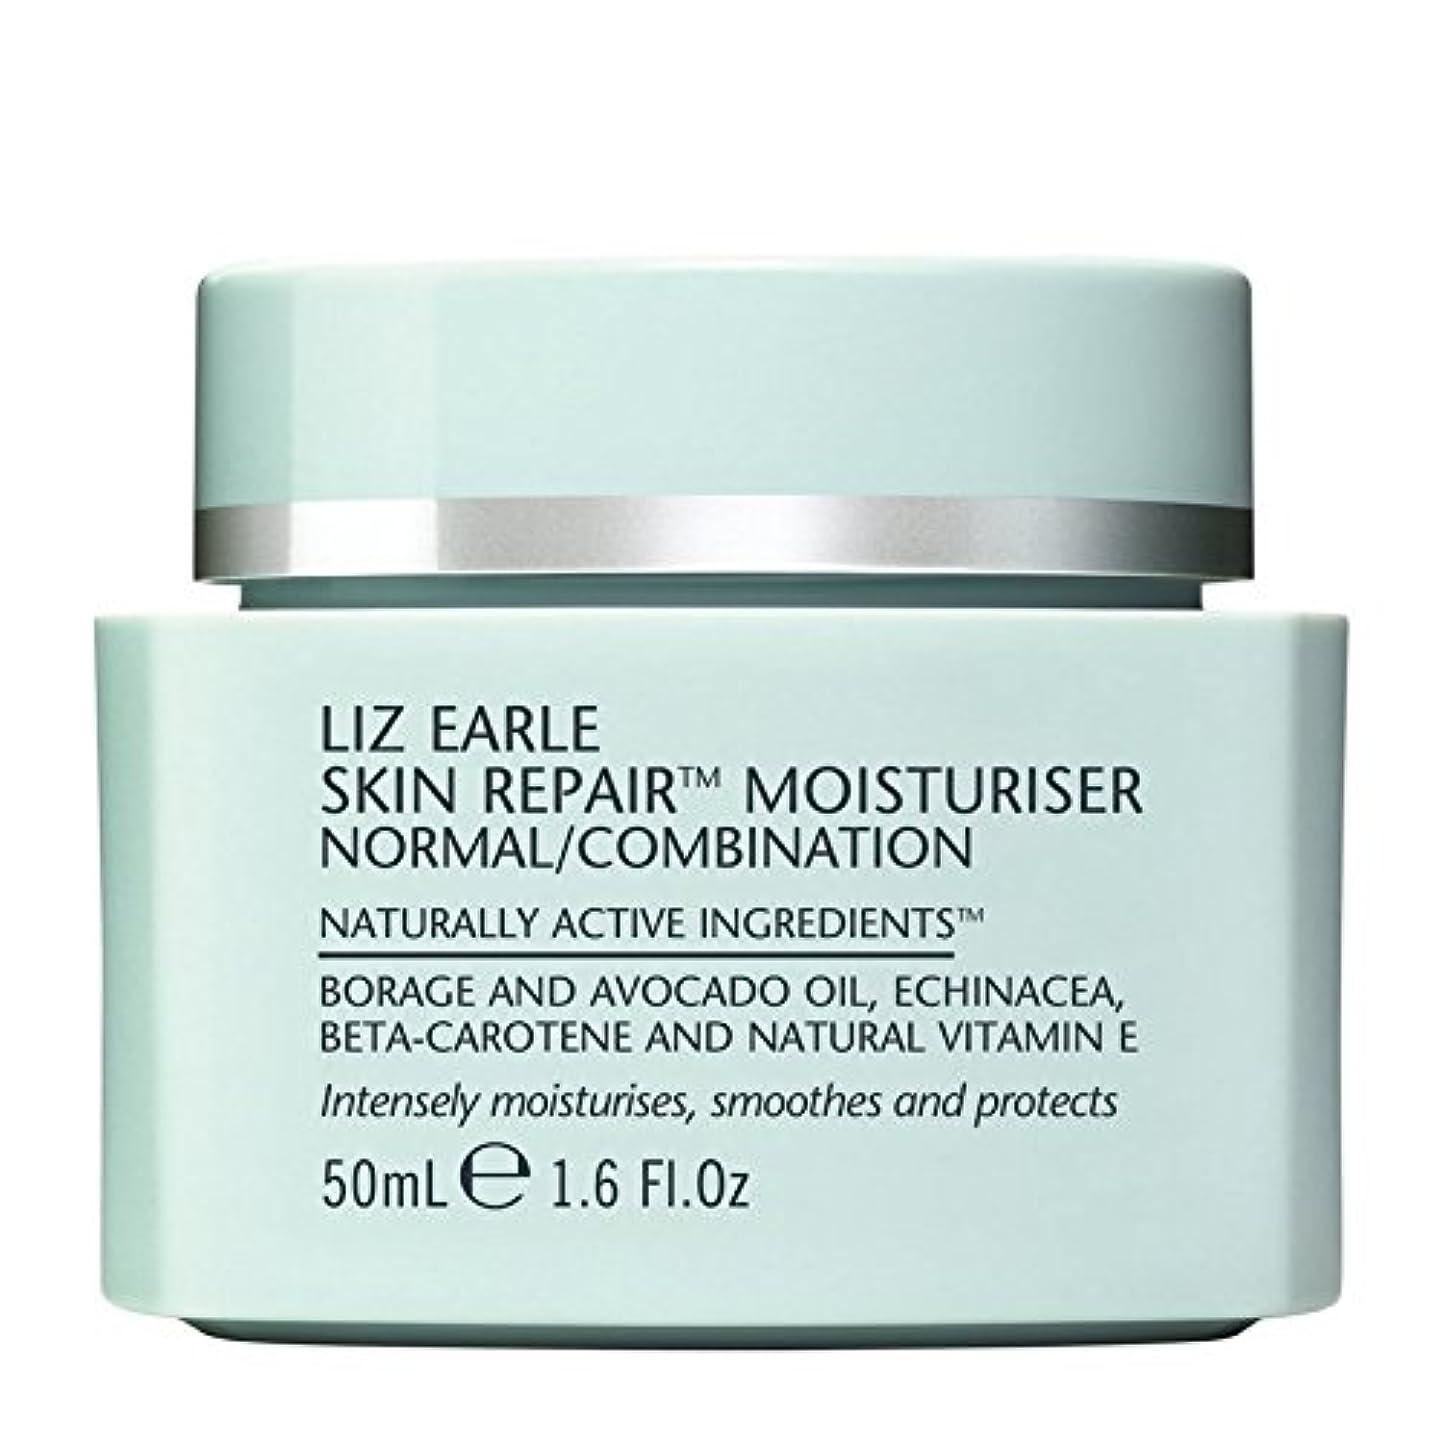 共産主義ホール学期リズアールスキンリペアモイスチャライザーノーマル/コンビネーション50ミリリットル x2 - Liz Earle Skin Repair Moisturiser Normal/Combination 50ml (Pack...